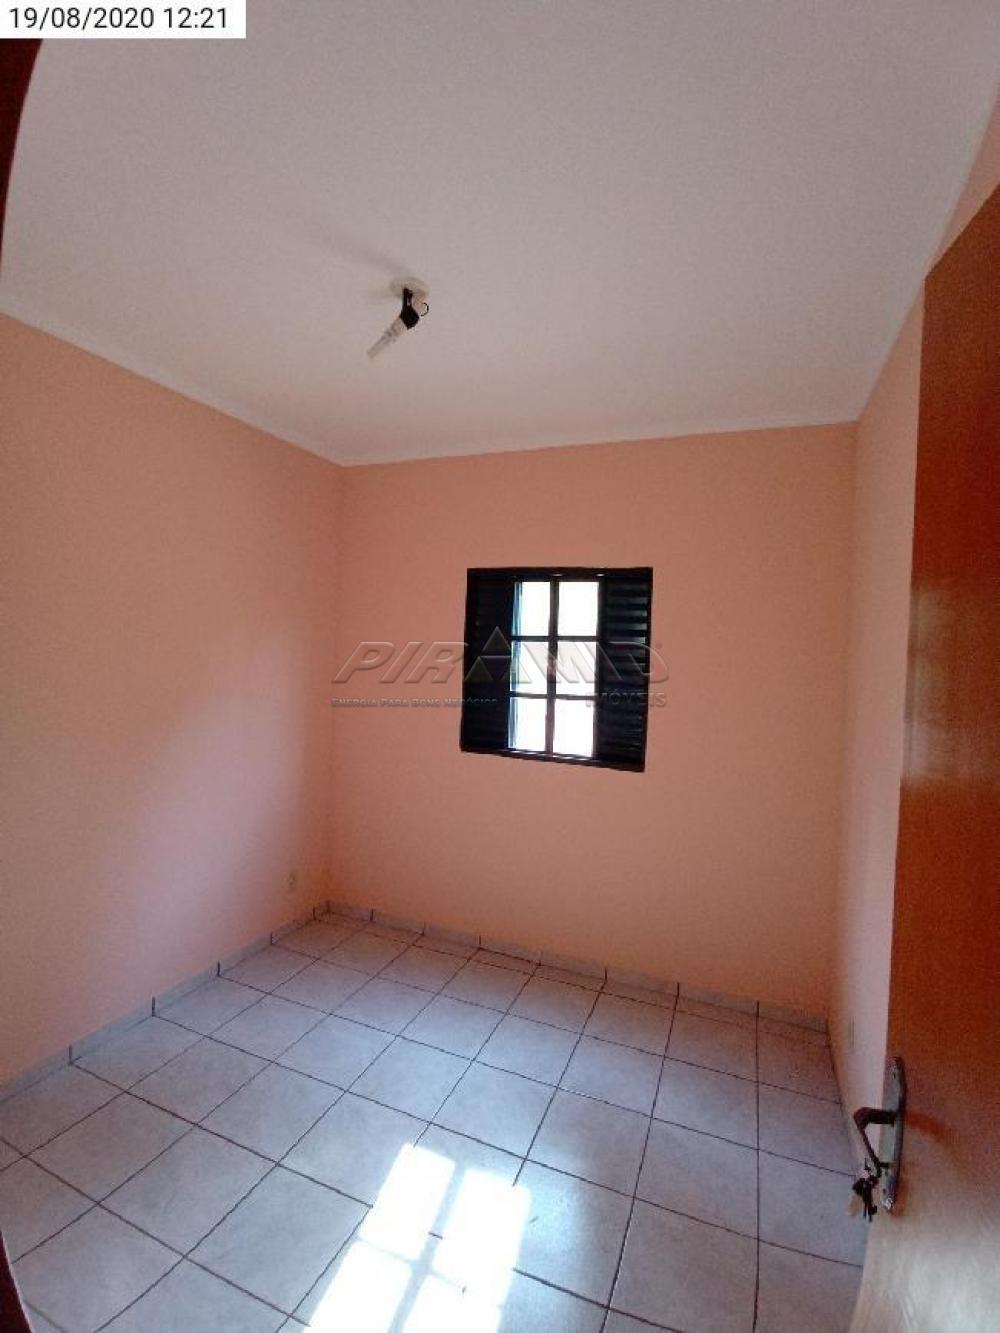 Alugar Apartamento / Padrão em Ribeirão Preto R$ 675,00 - Foto 7